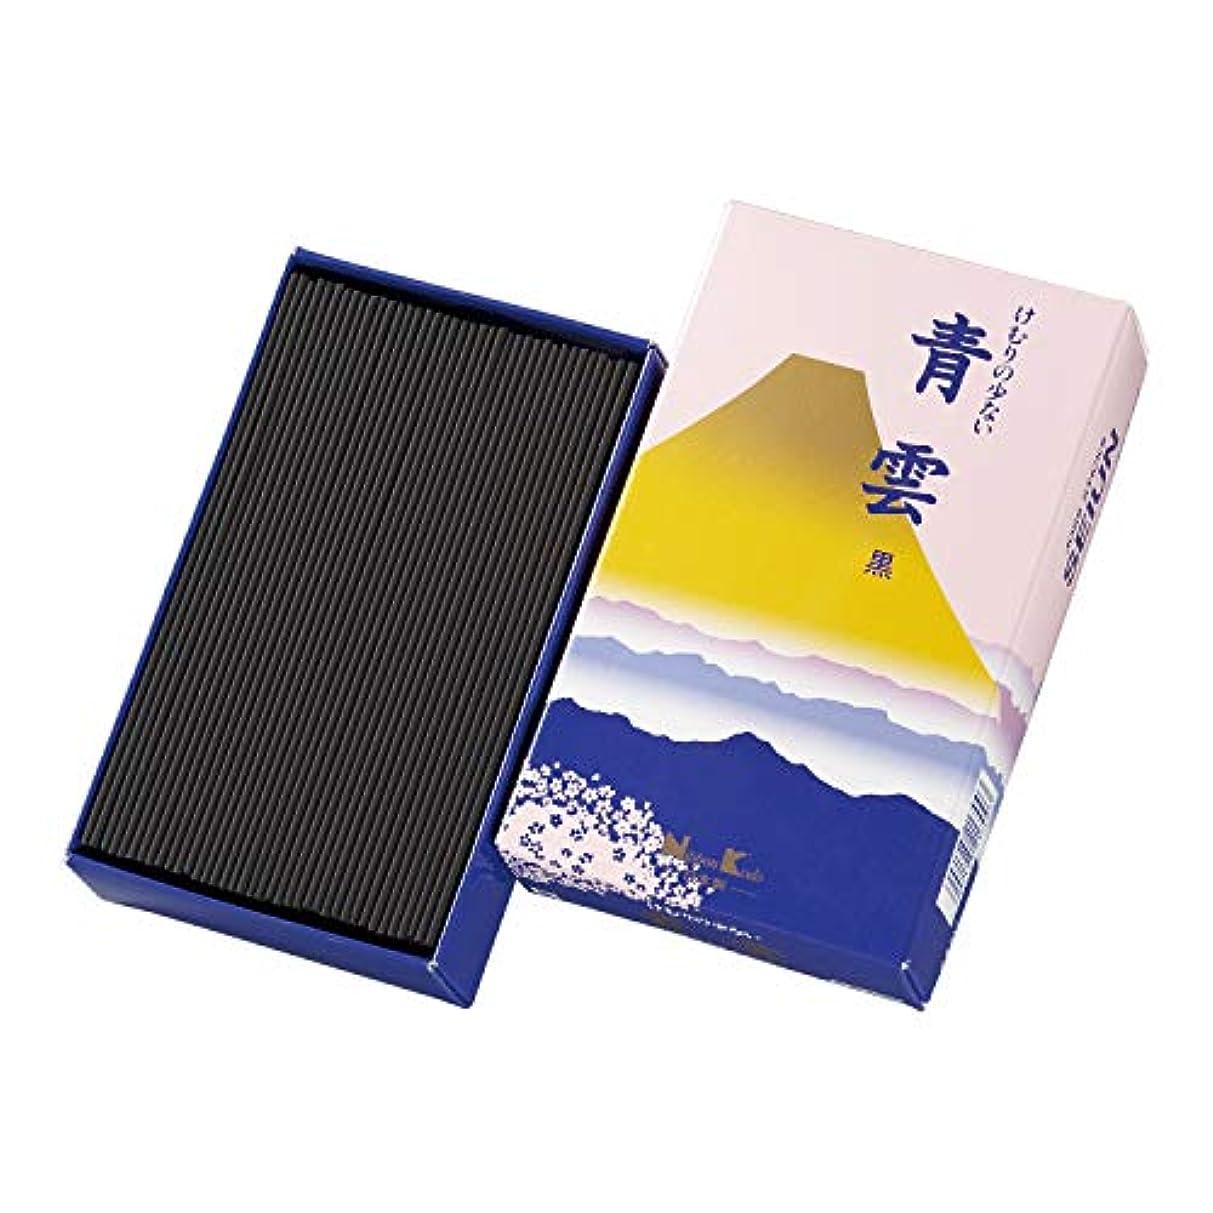 石灰岩波値する青雲 黒 大型バラ詰